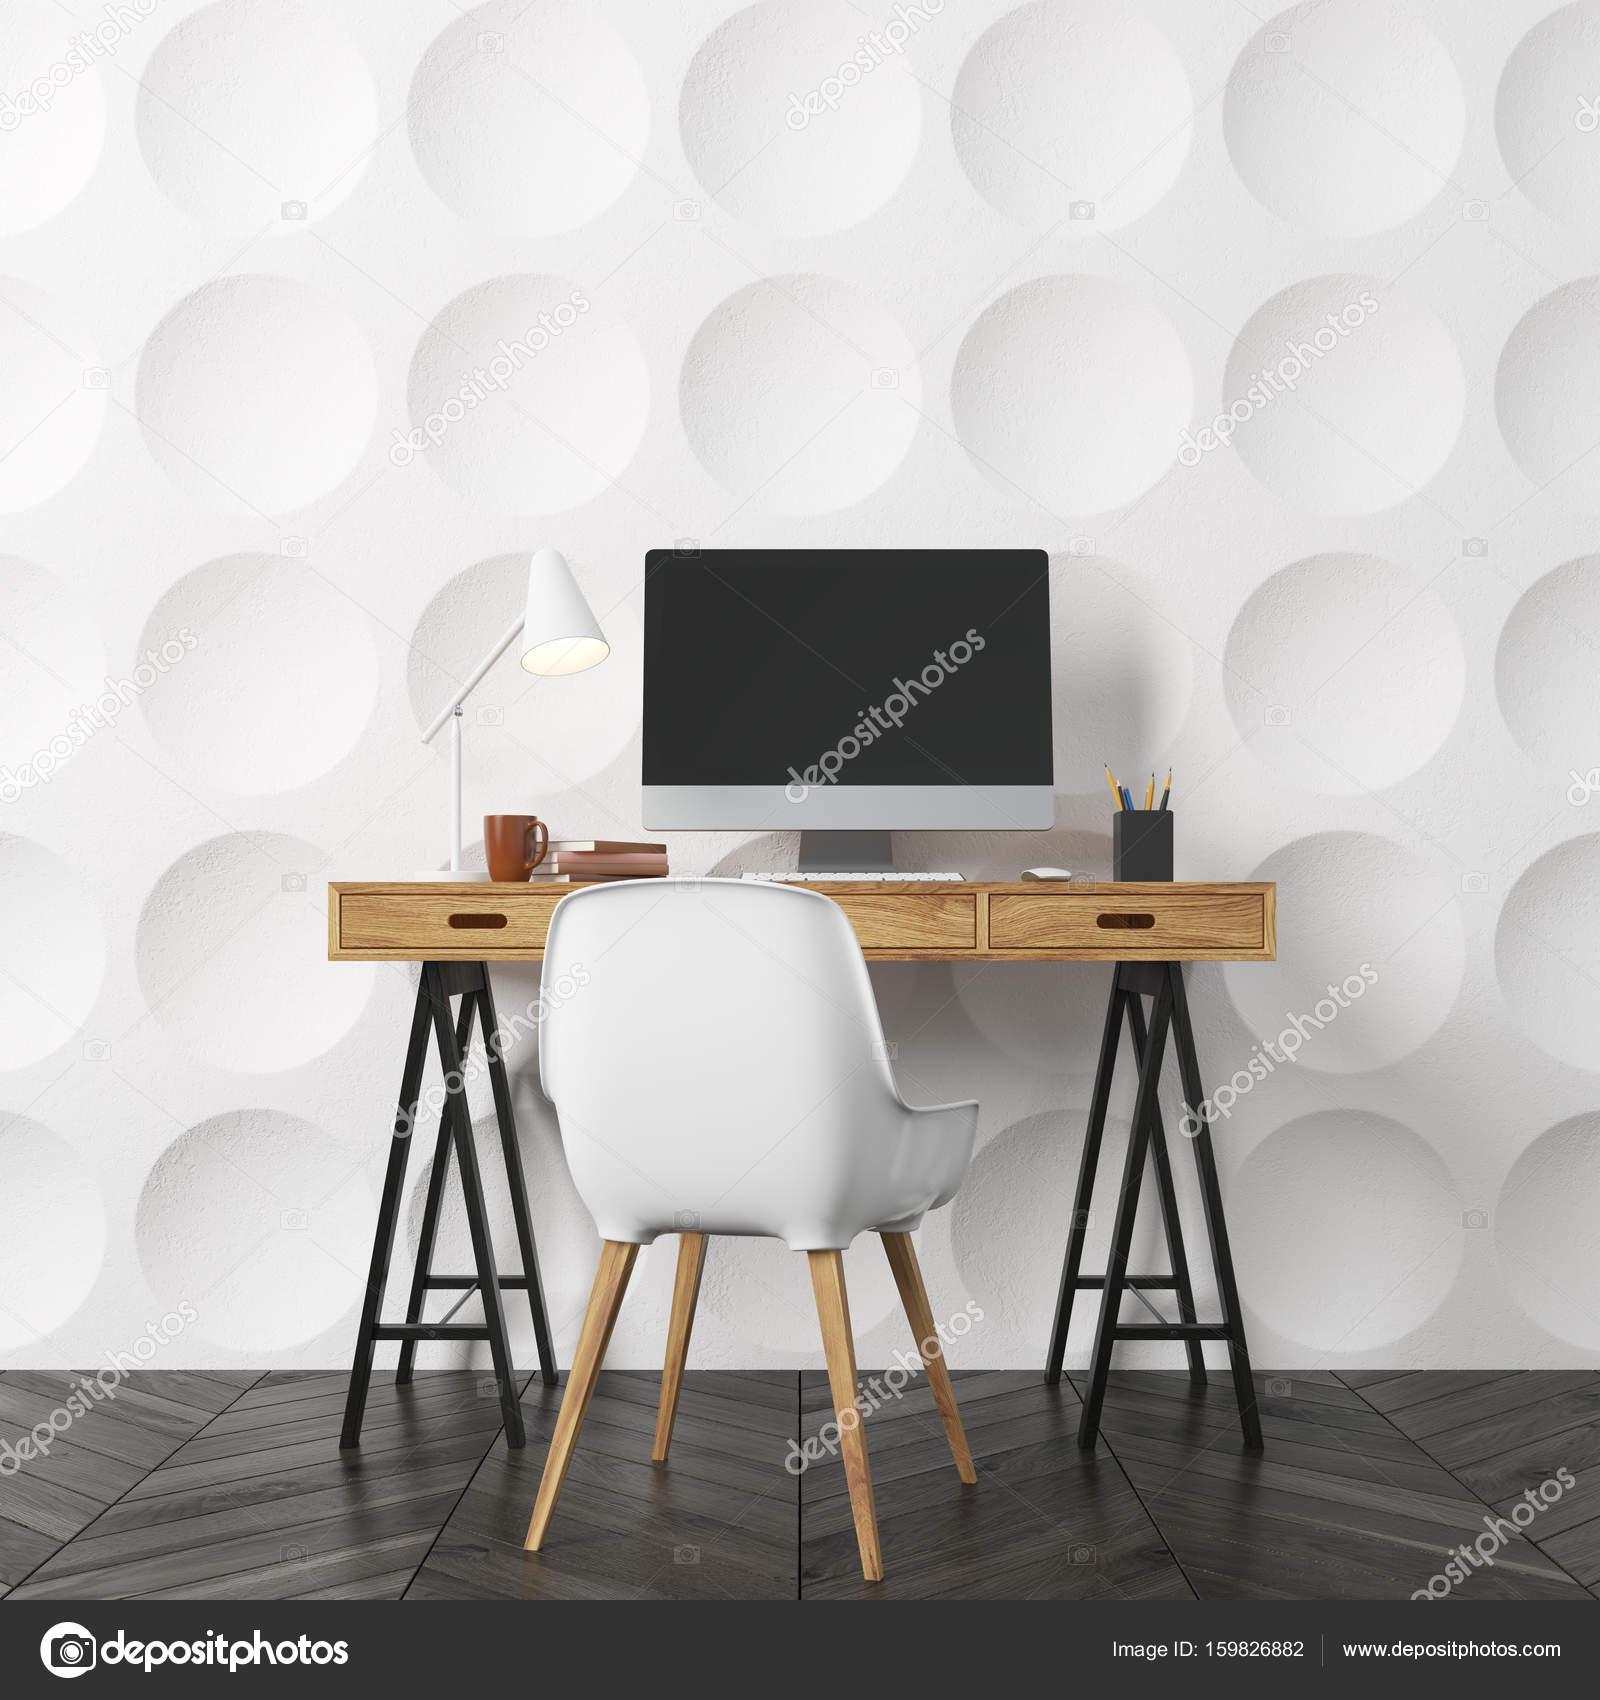 Leeren Raum Interieur Mit Weißer Kreis Muster Wände Und Einen Dunklen  Holzboden. Es Gibt Einen Hölzernen Computerschreibtisch Und Einen Weißen  Stuhl.